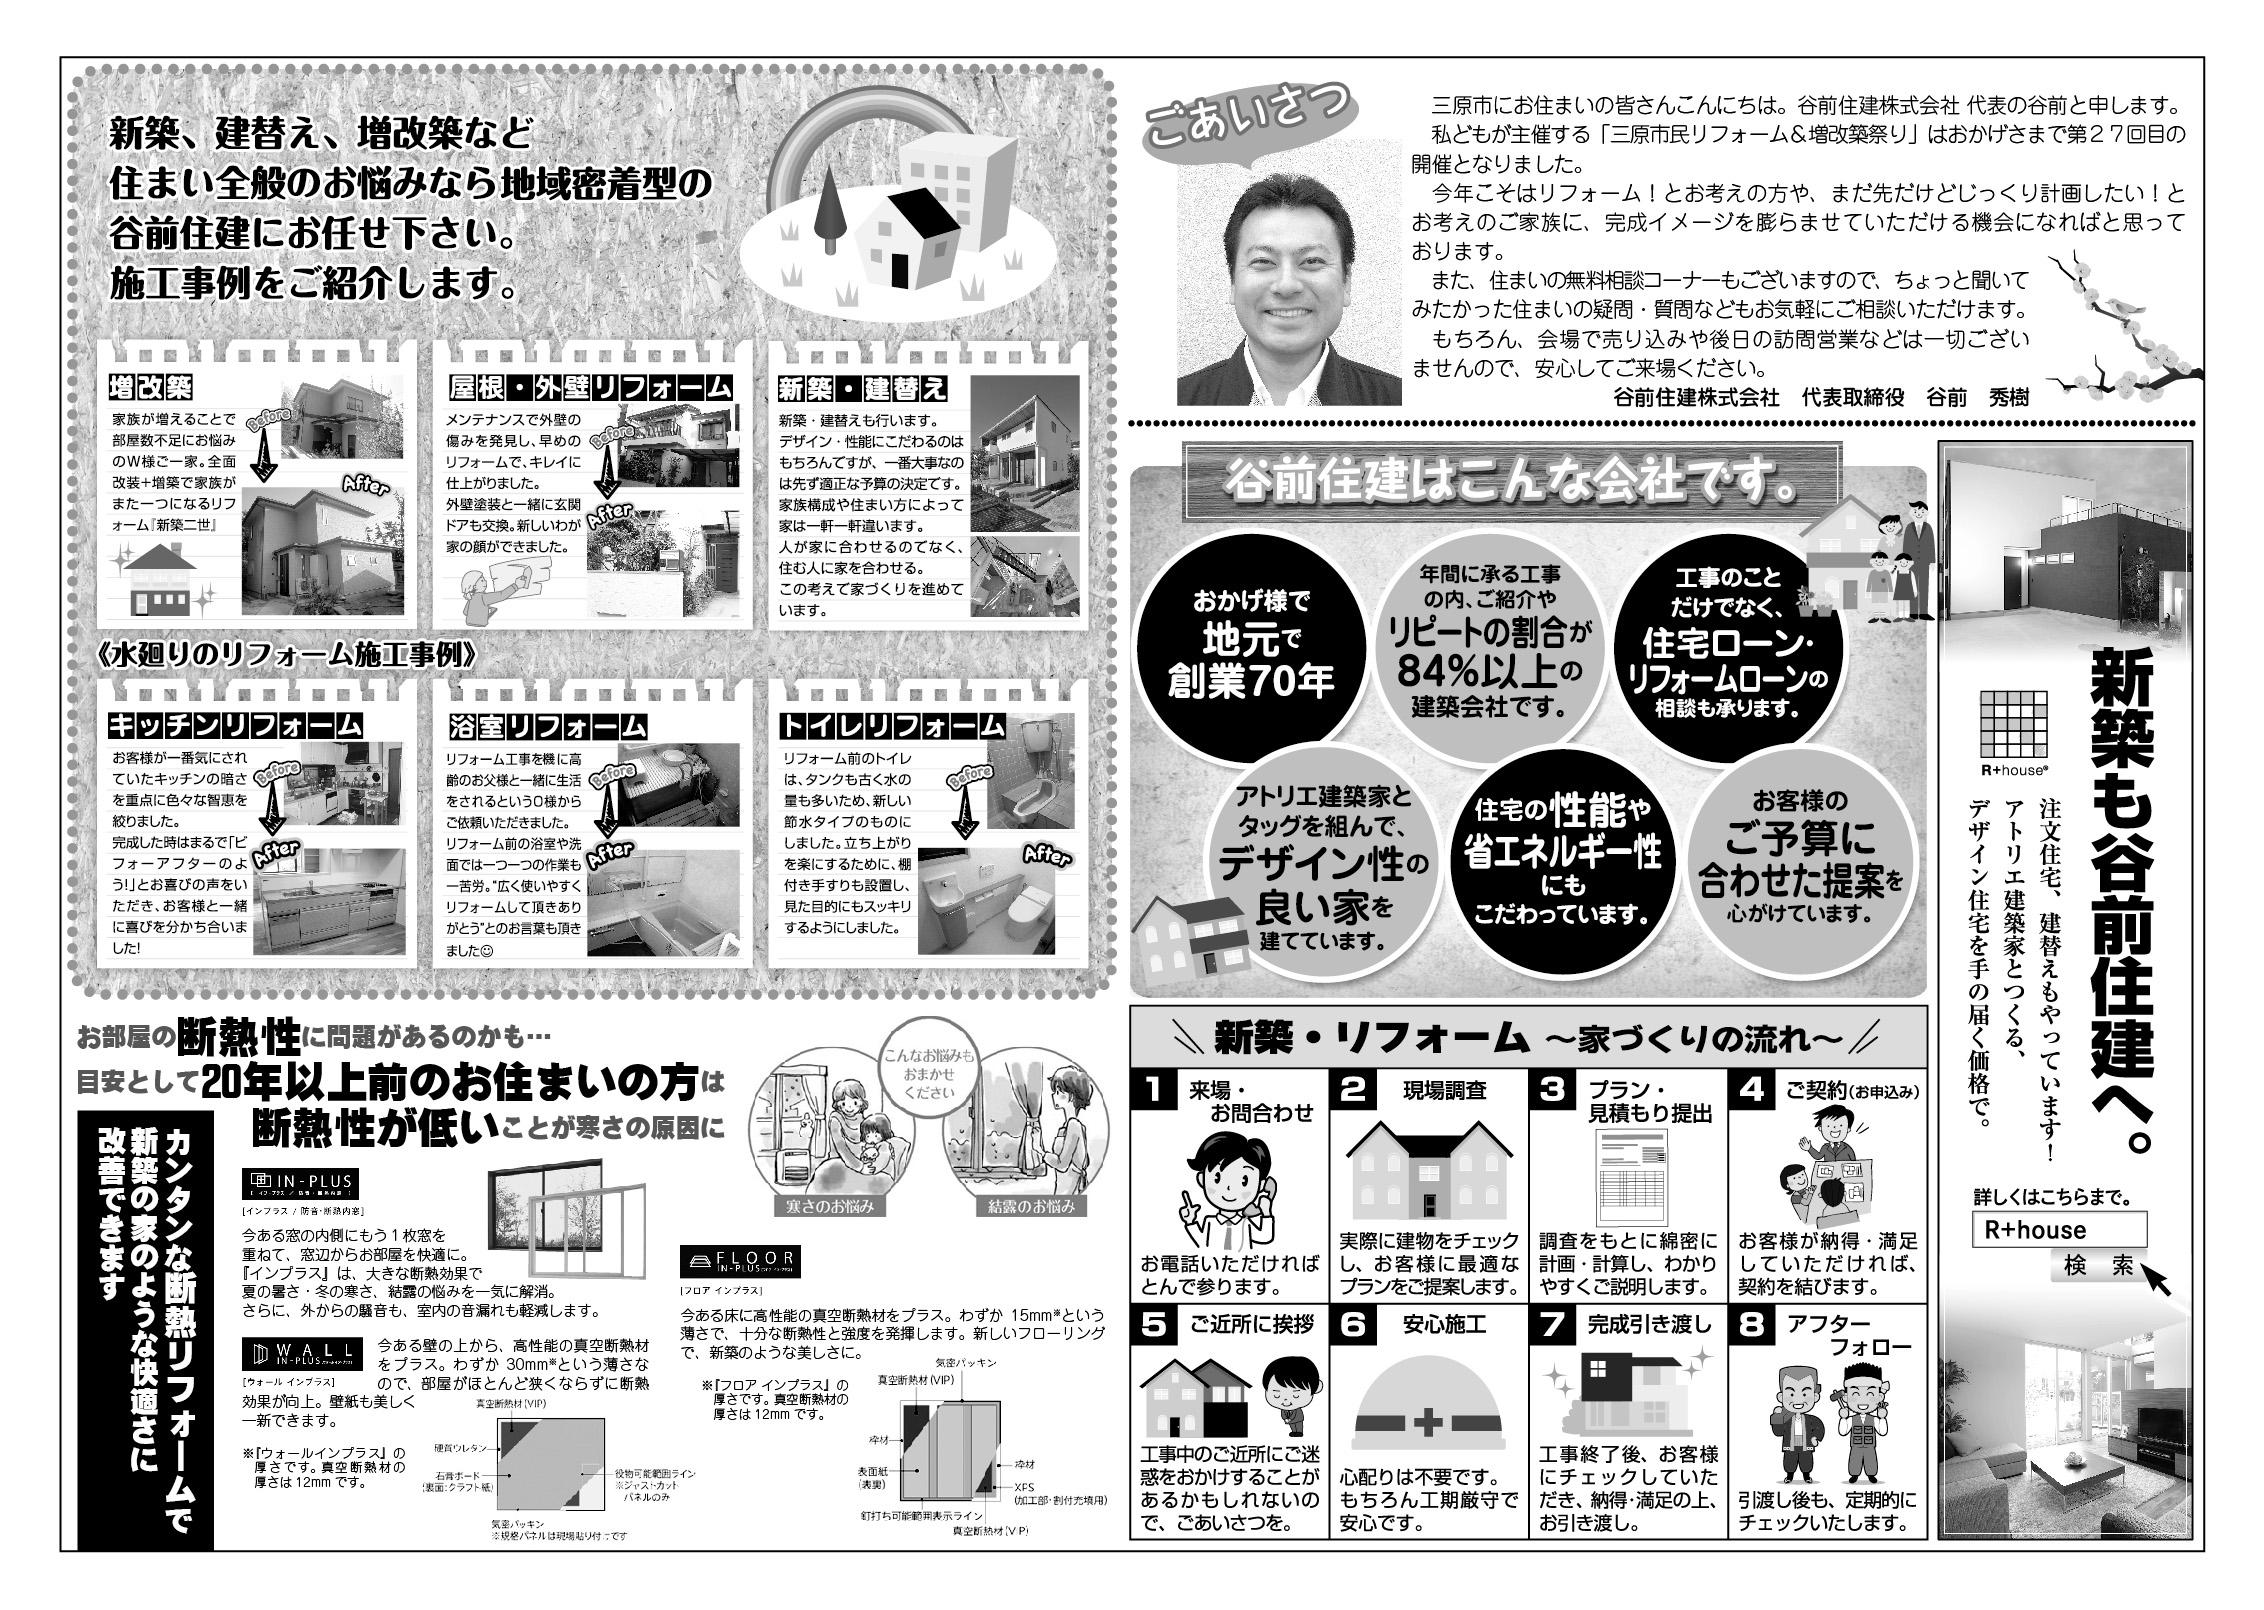 リフォーム祭り/裏_0210-11-再校